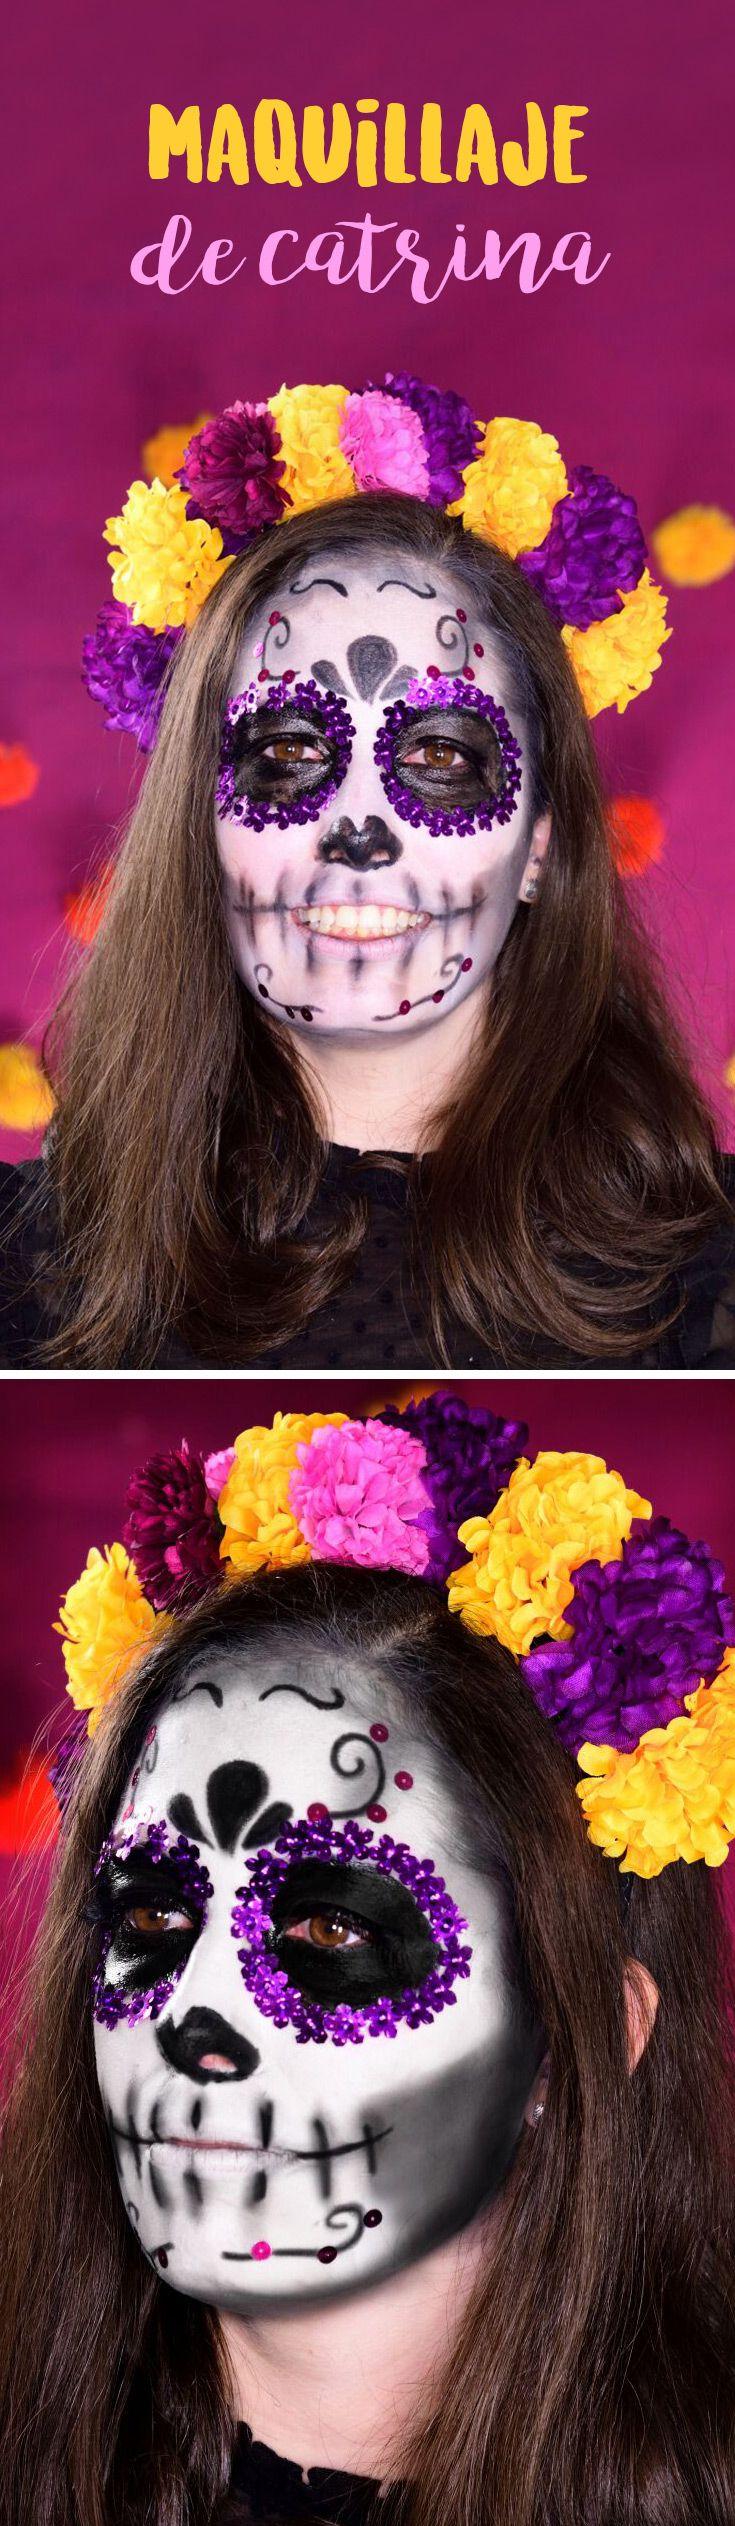 Maquillaje de Catrina Disfrazate de catrina este Día de Muertos y festeja a lo grande. Es muy sencillo y se ve súper padre. Sé la sensación de estas increíbles tradiciones.